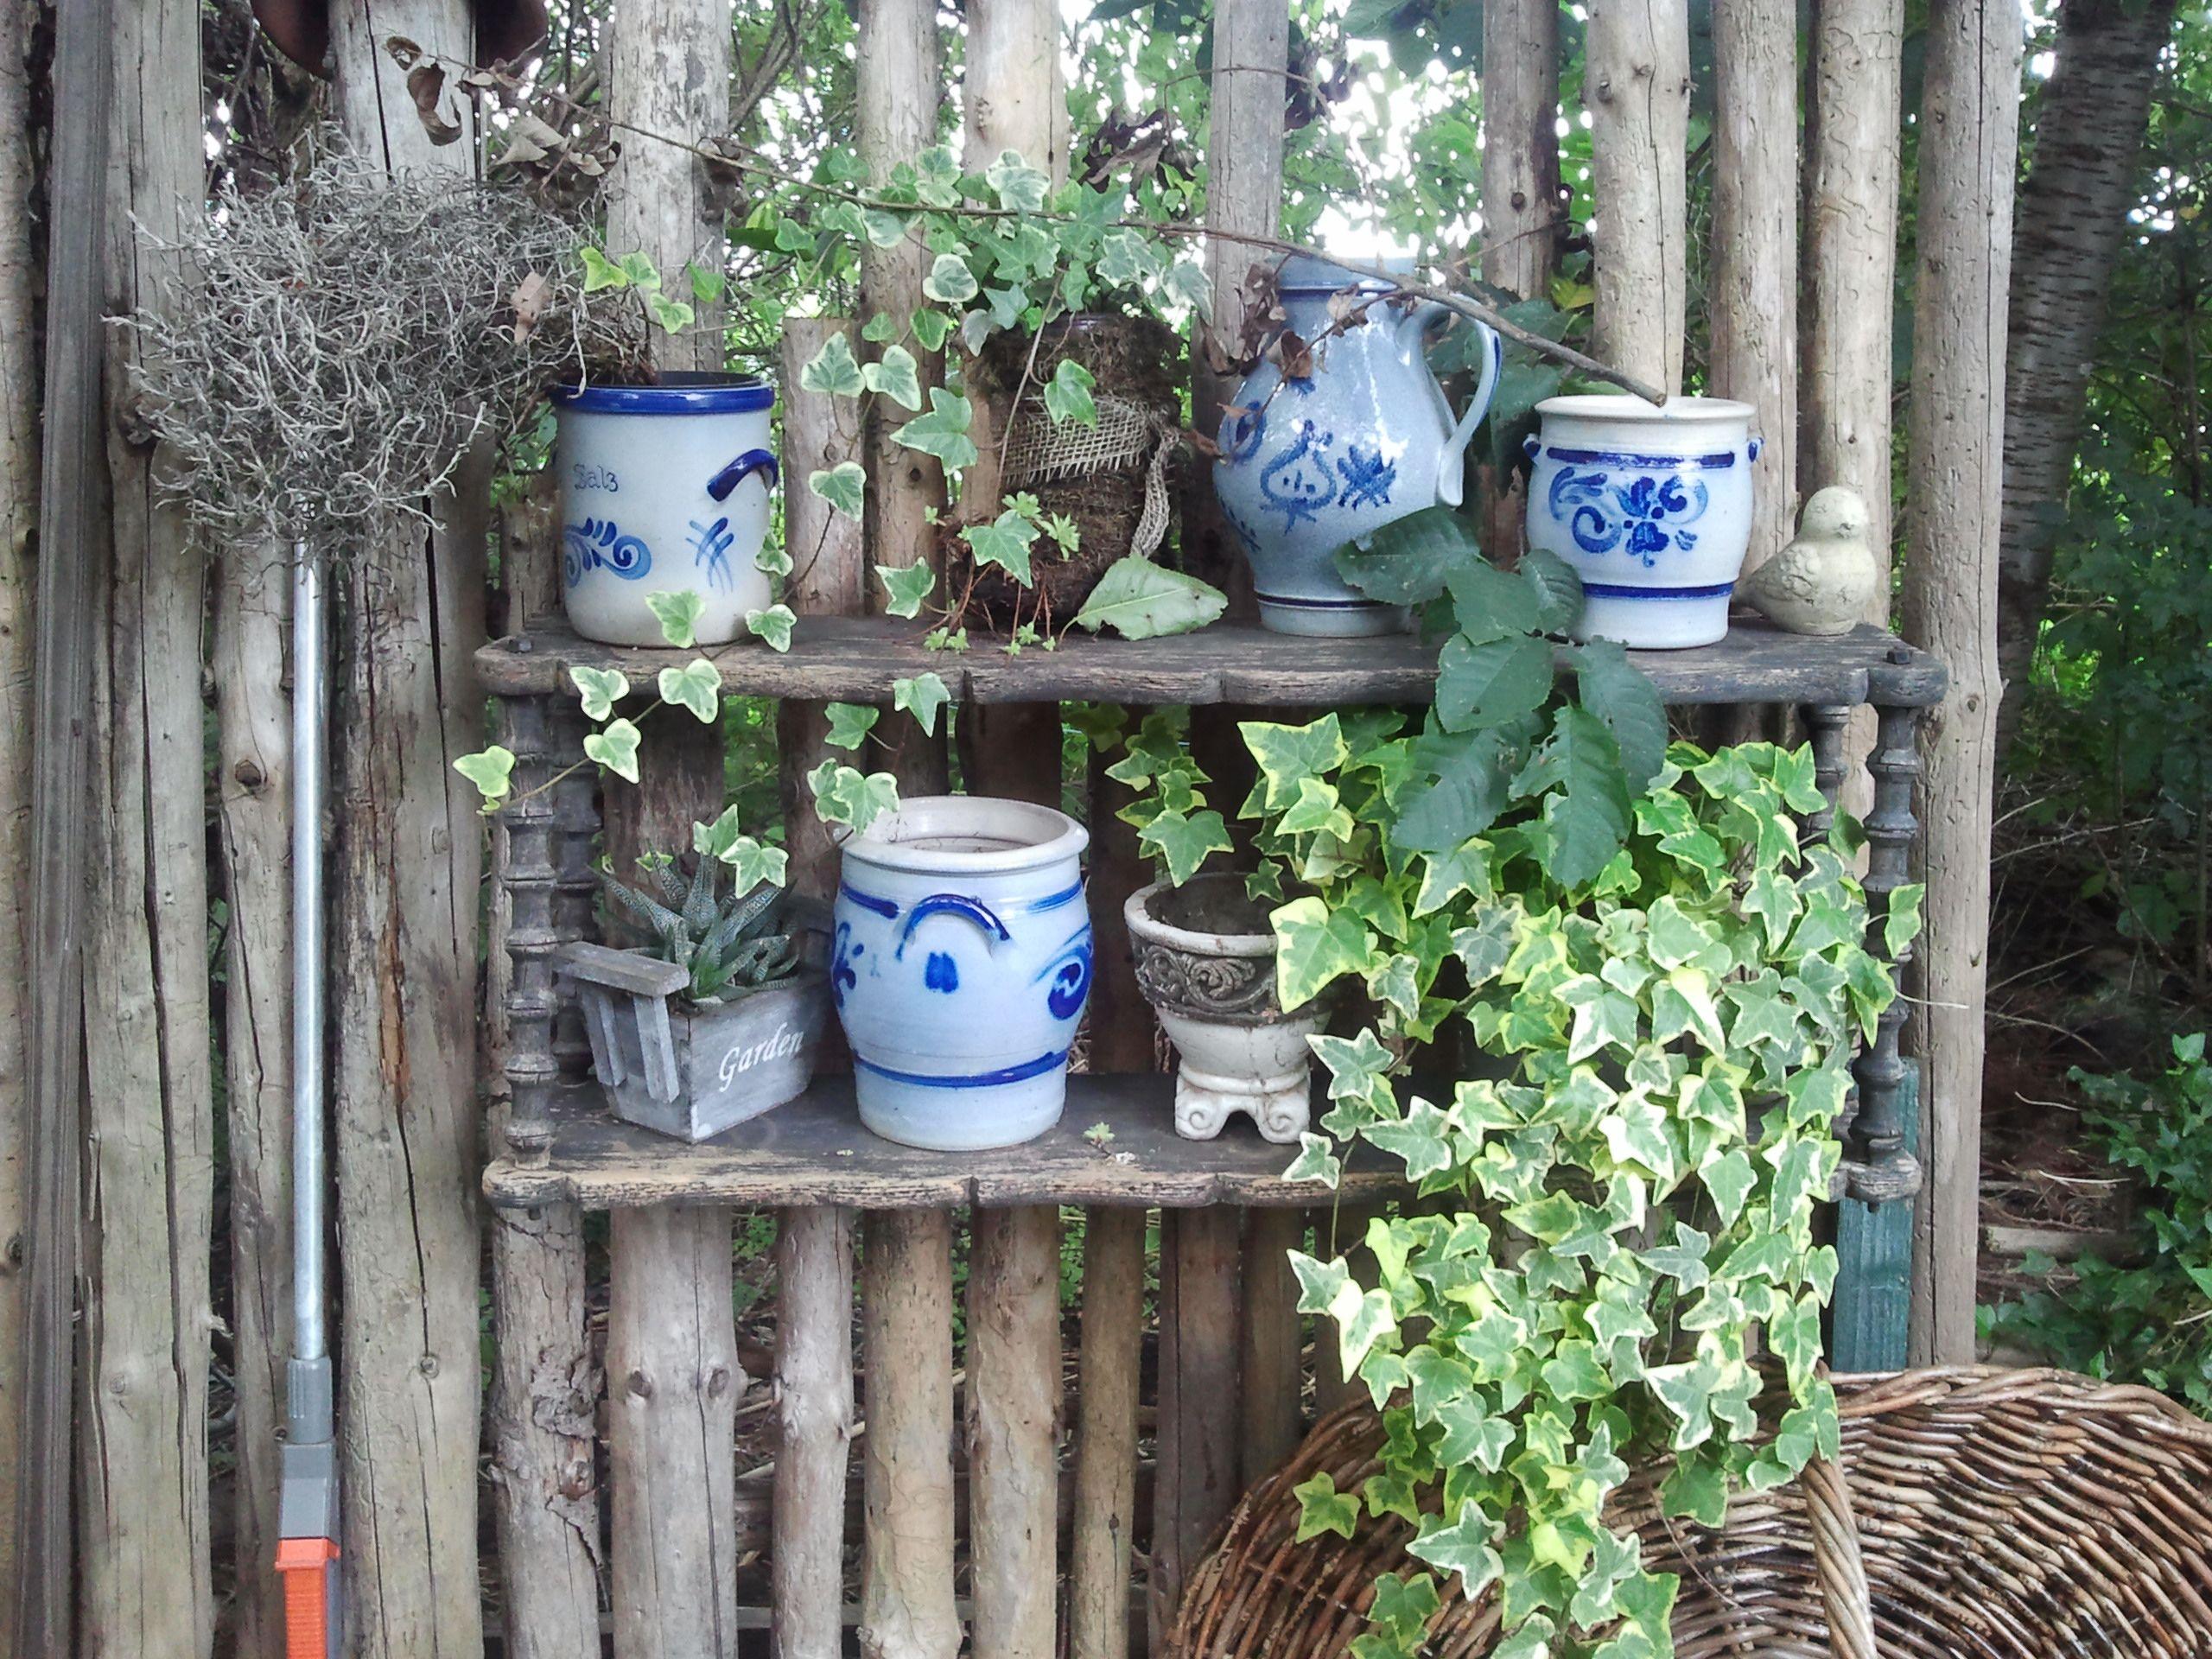 bepflanzte alte t pfe und kannen bepflanzung und garten pinterest t pfchen bepflanzung. Black Bedroom Furniture Sets. Home Design Ideas